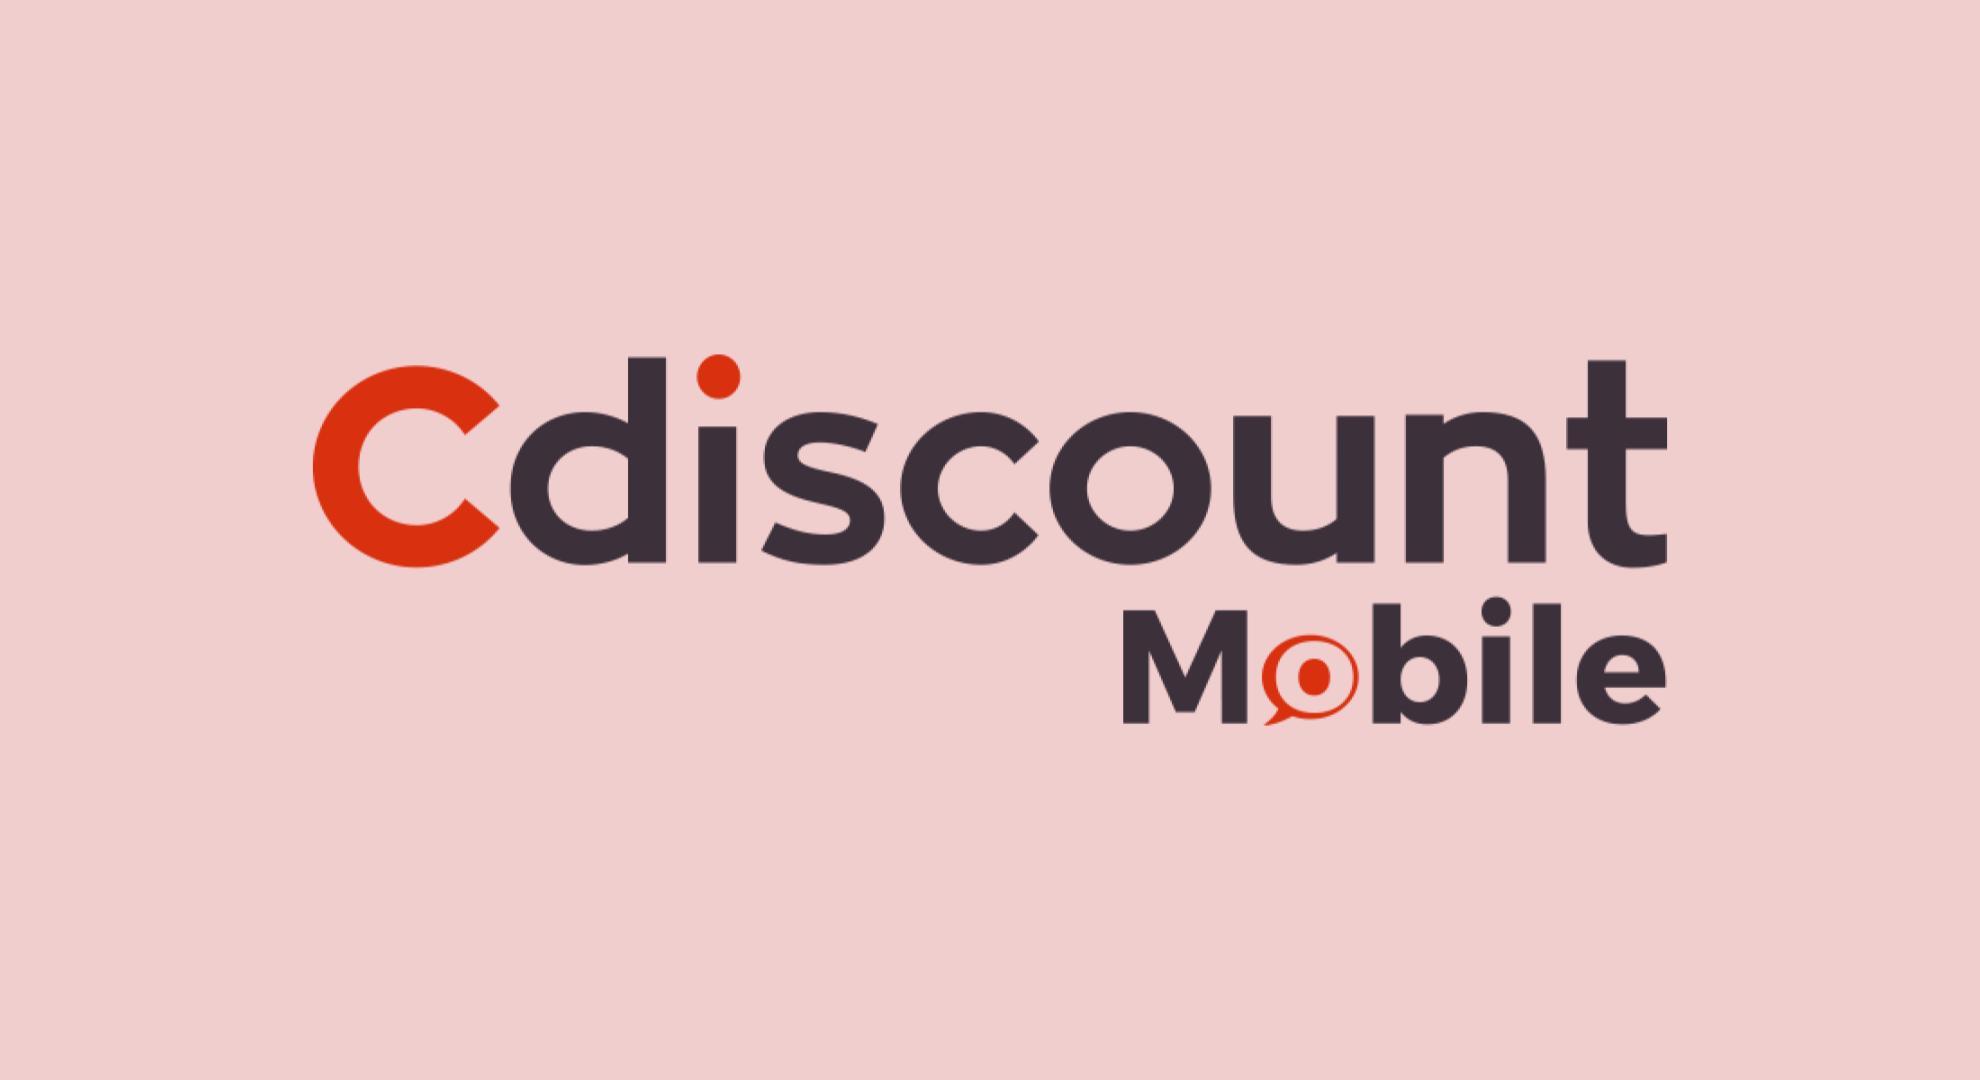 Le forfait moins cher de Cdiscount mobile